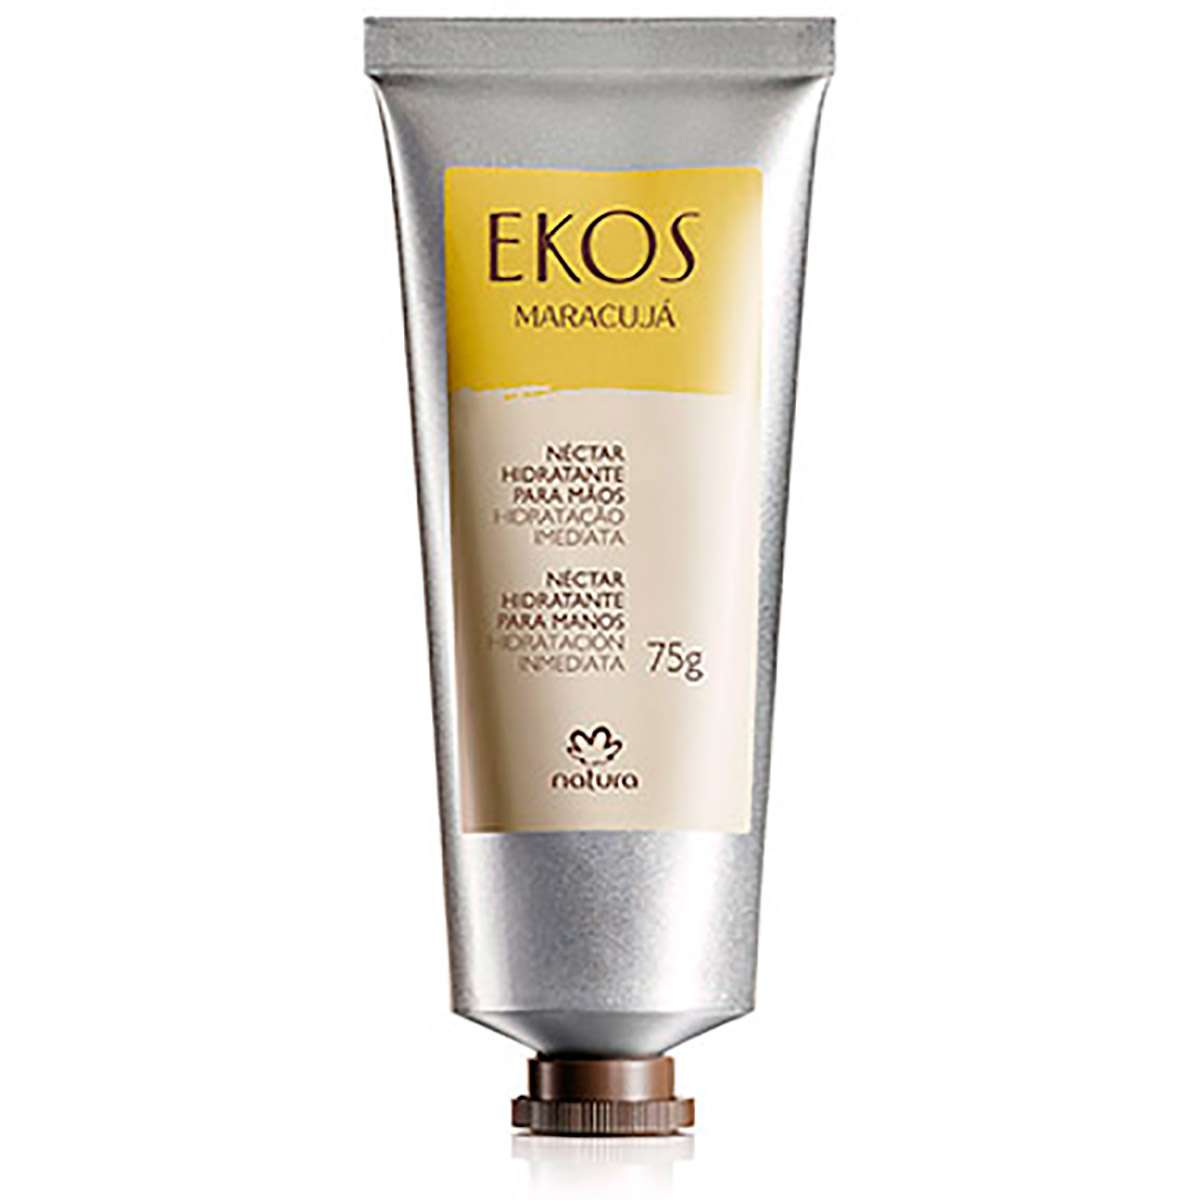 Néctar Hidratante para as Mãos Maracujá | Ekos - 40 g  - Flor de Alecrim - Cosméticos